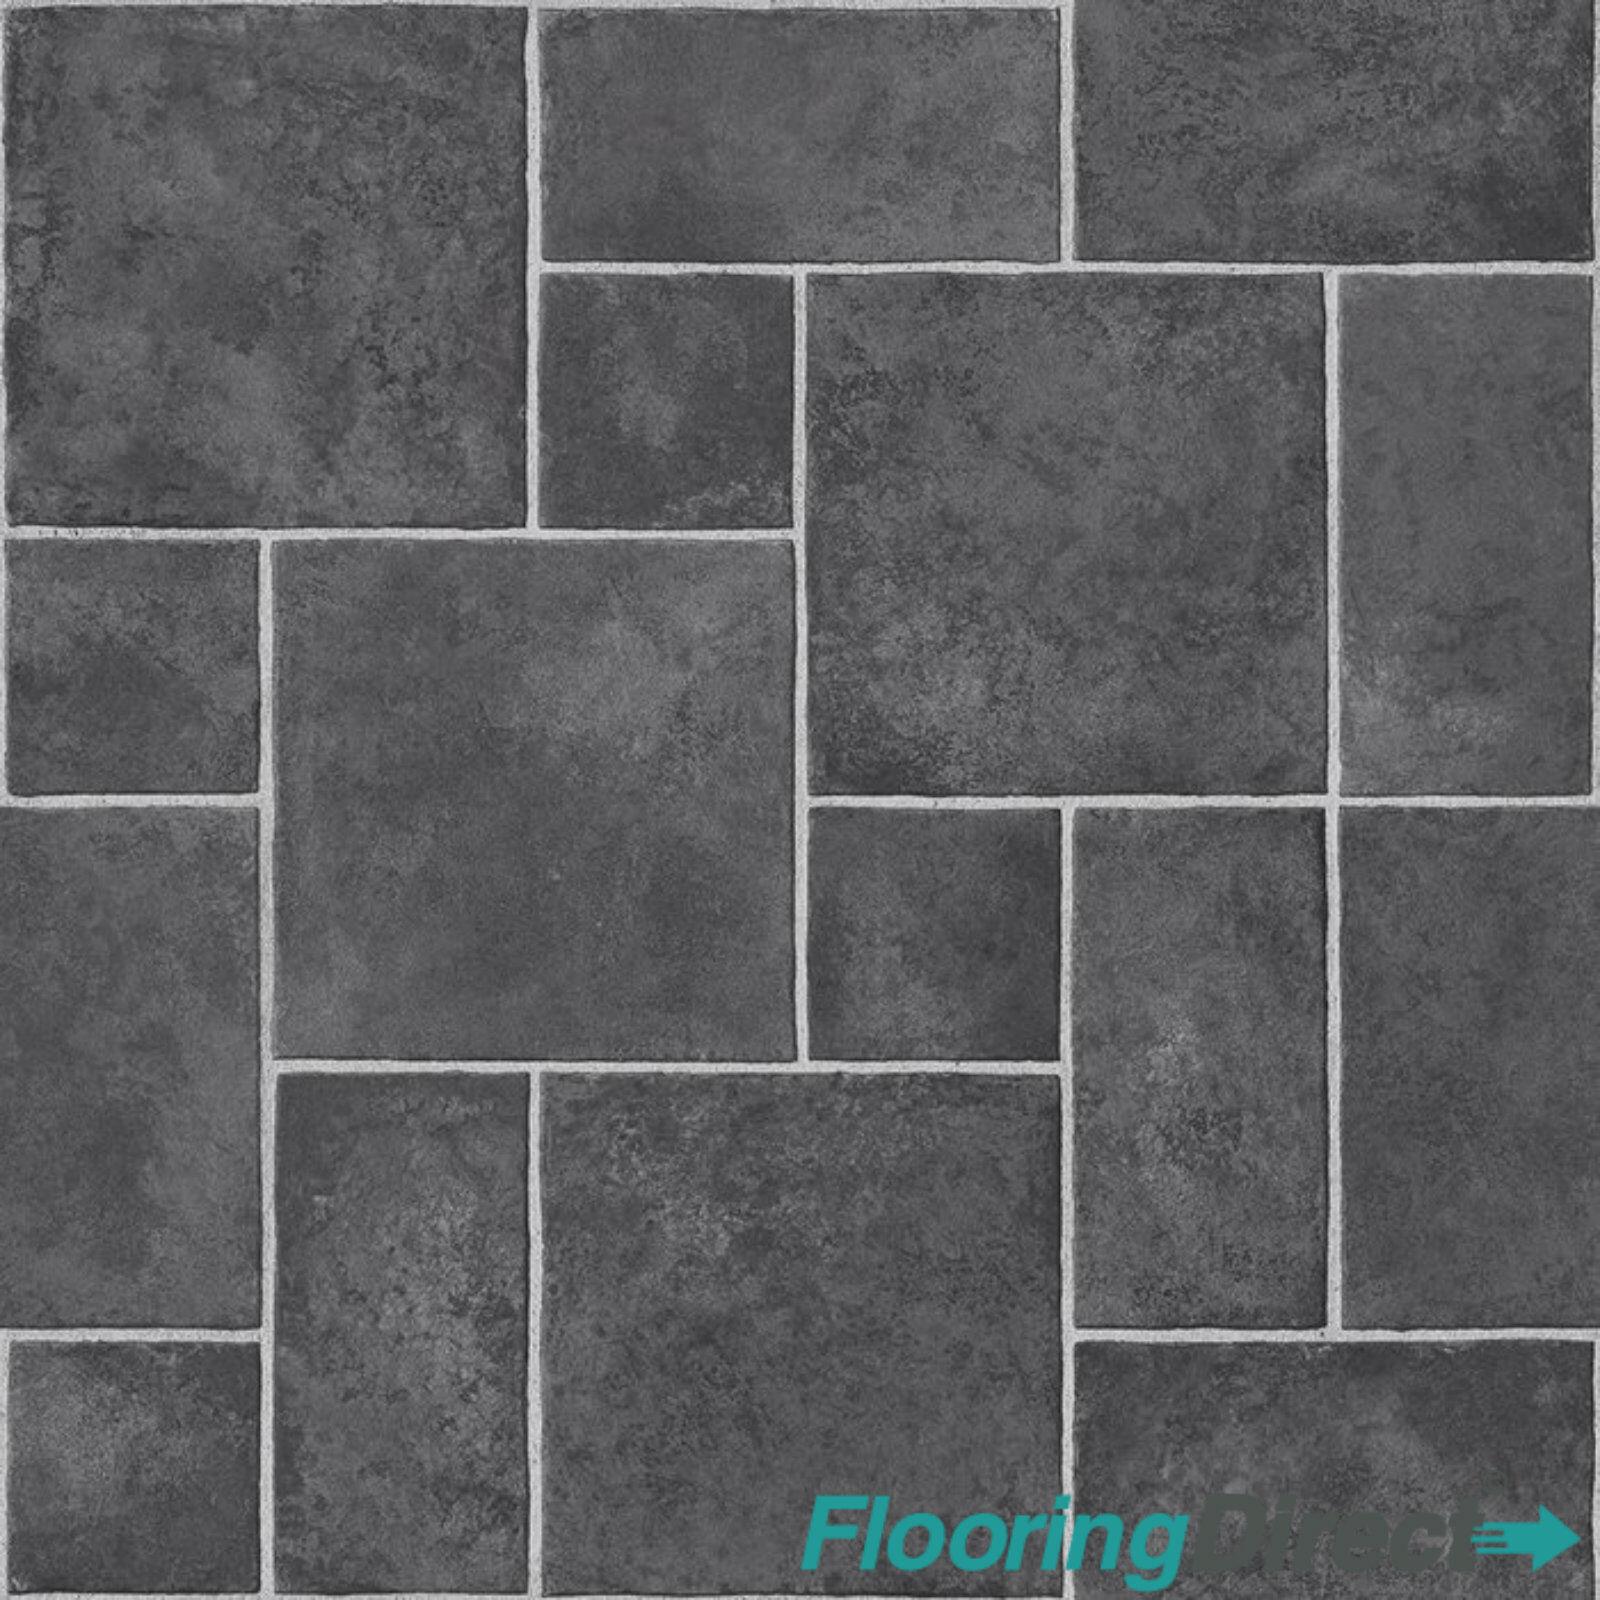 details about 4mm thick vinyl flooring dark grey black random slate lino kitchen bathroom